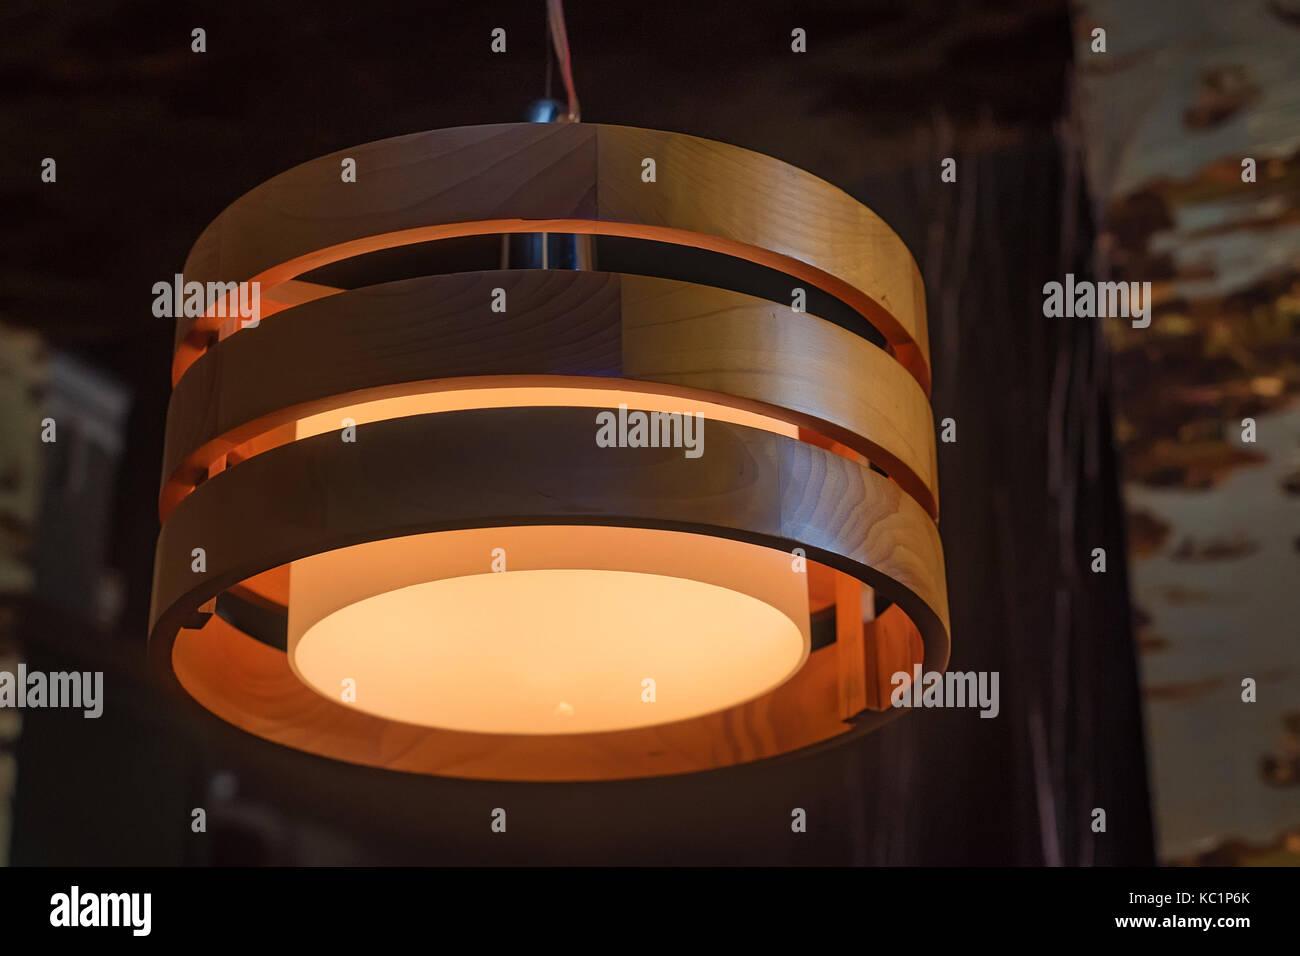 Kronleuchter Holz ~ Moderne holz kronleuchter an der decke stockfoto bild